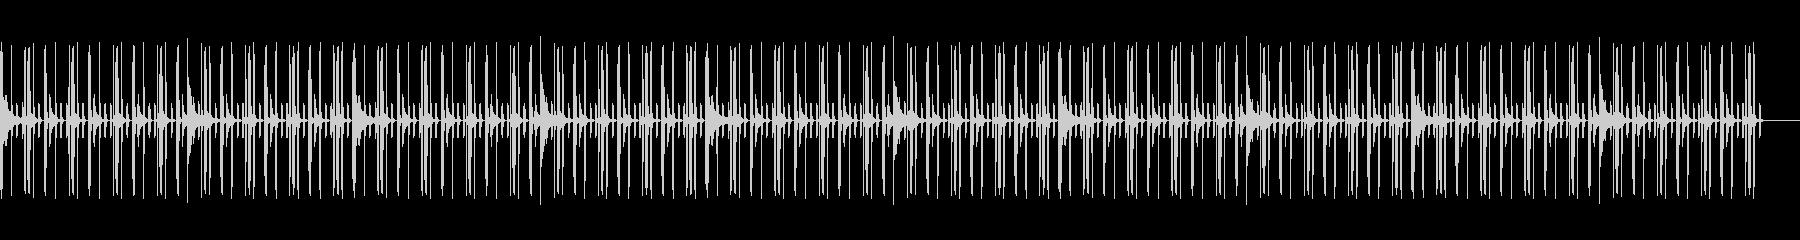 メロディのないシンプルなエイトビートの未再生の波形